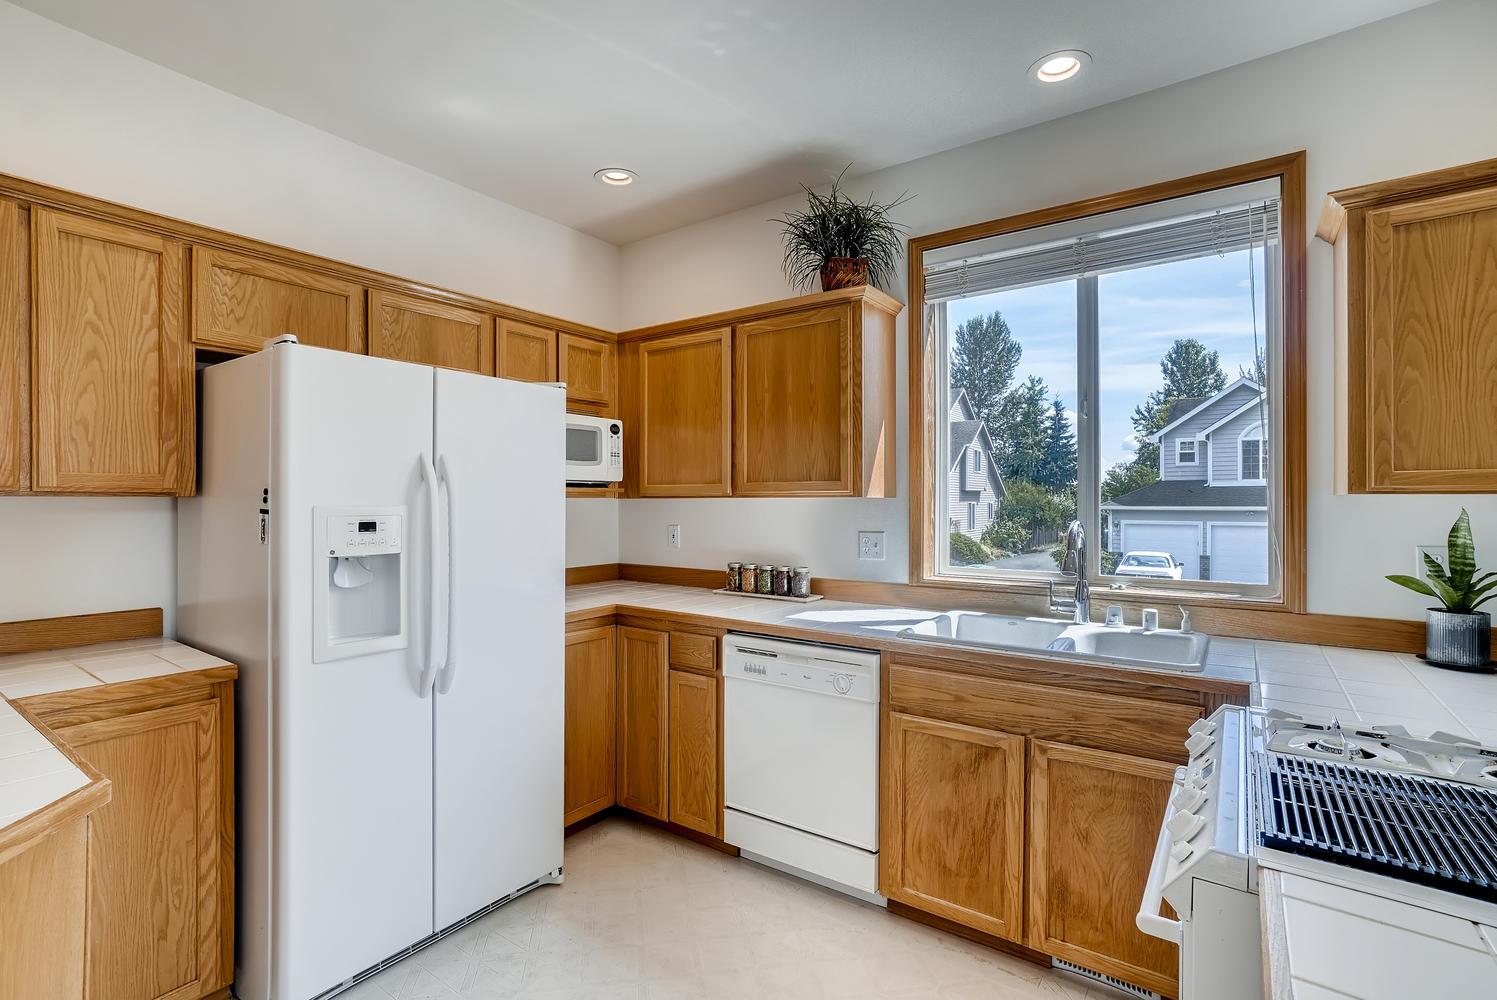 23232 9th Place W Bothell WA-large-013-011-Kitchen-1497x1000-72dpi.jpg